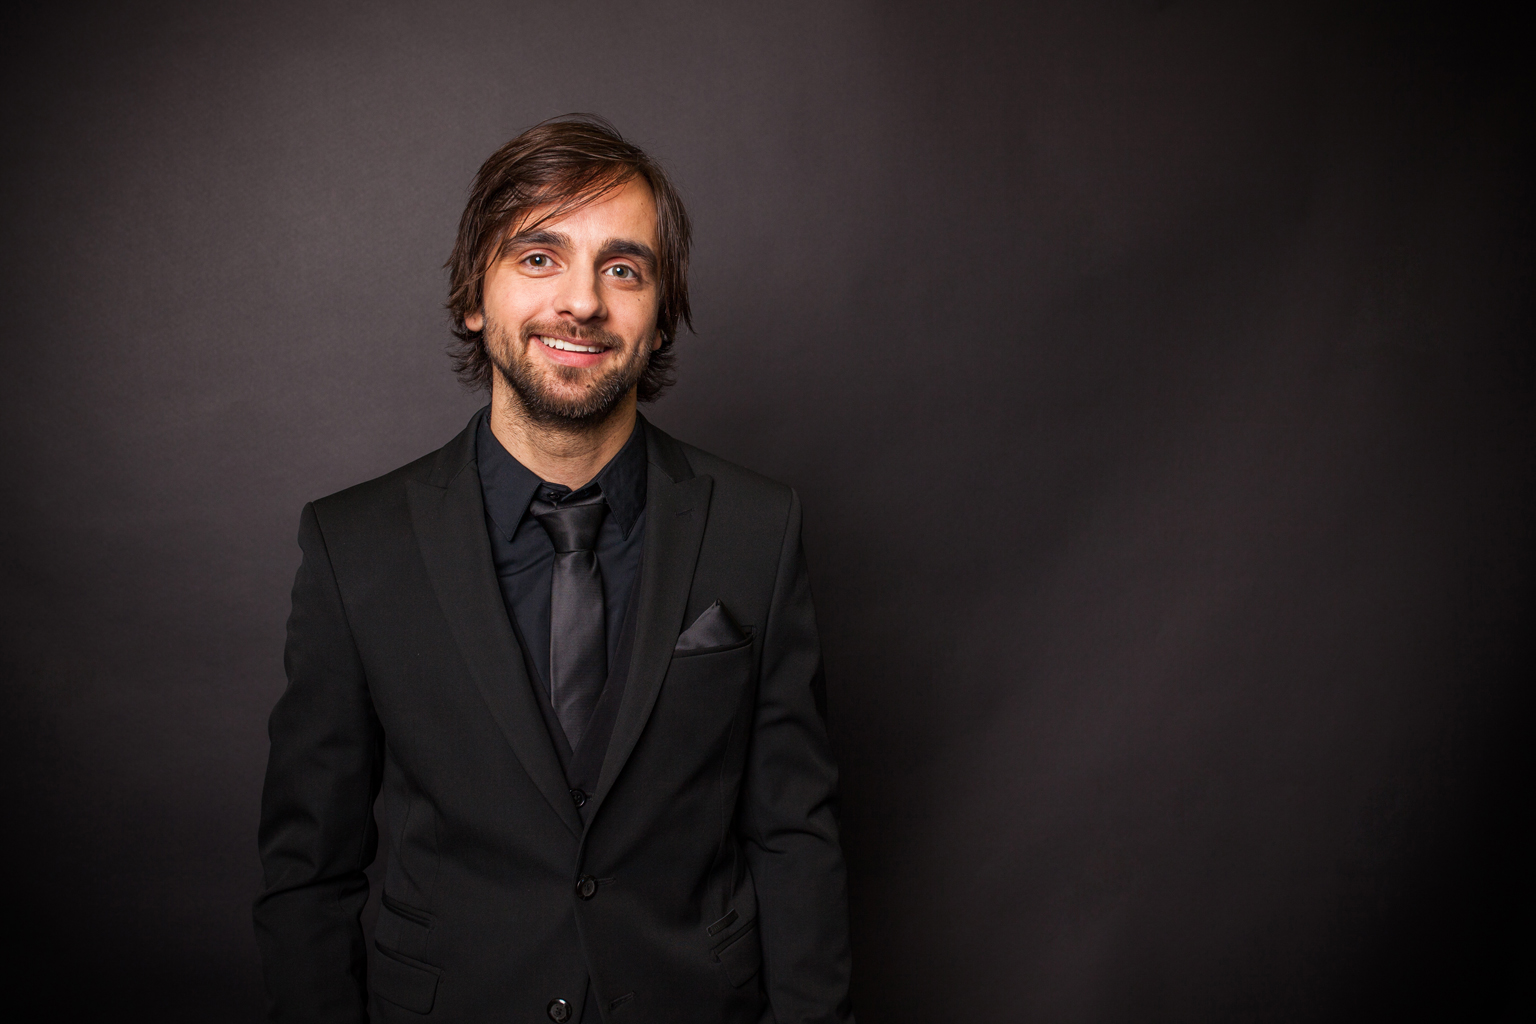 Justin de Graaf |Bass, Vocals